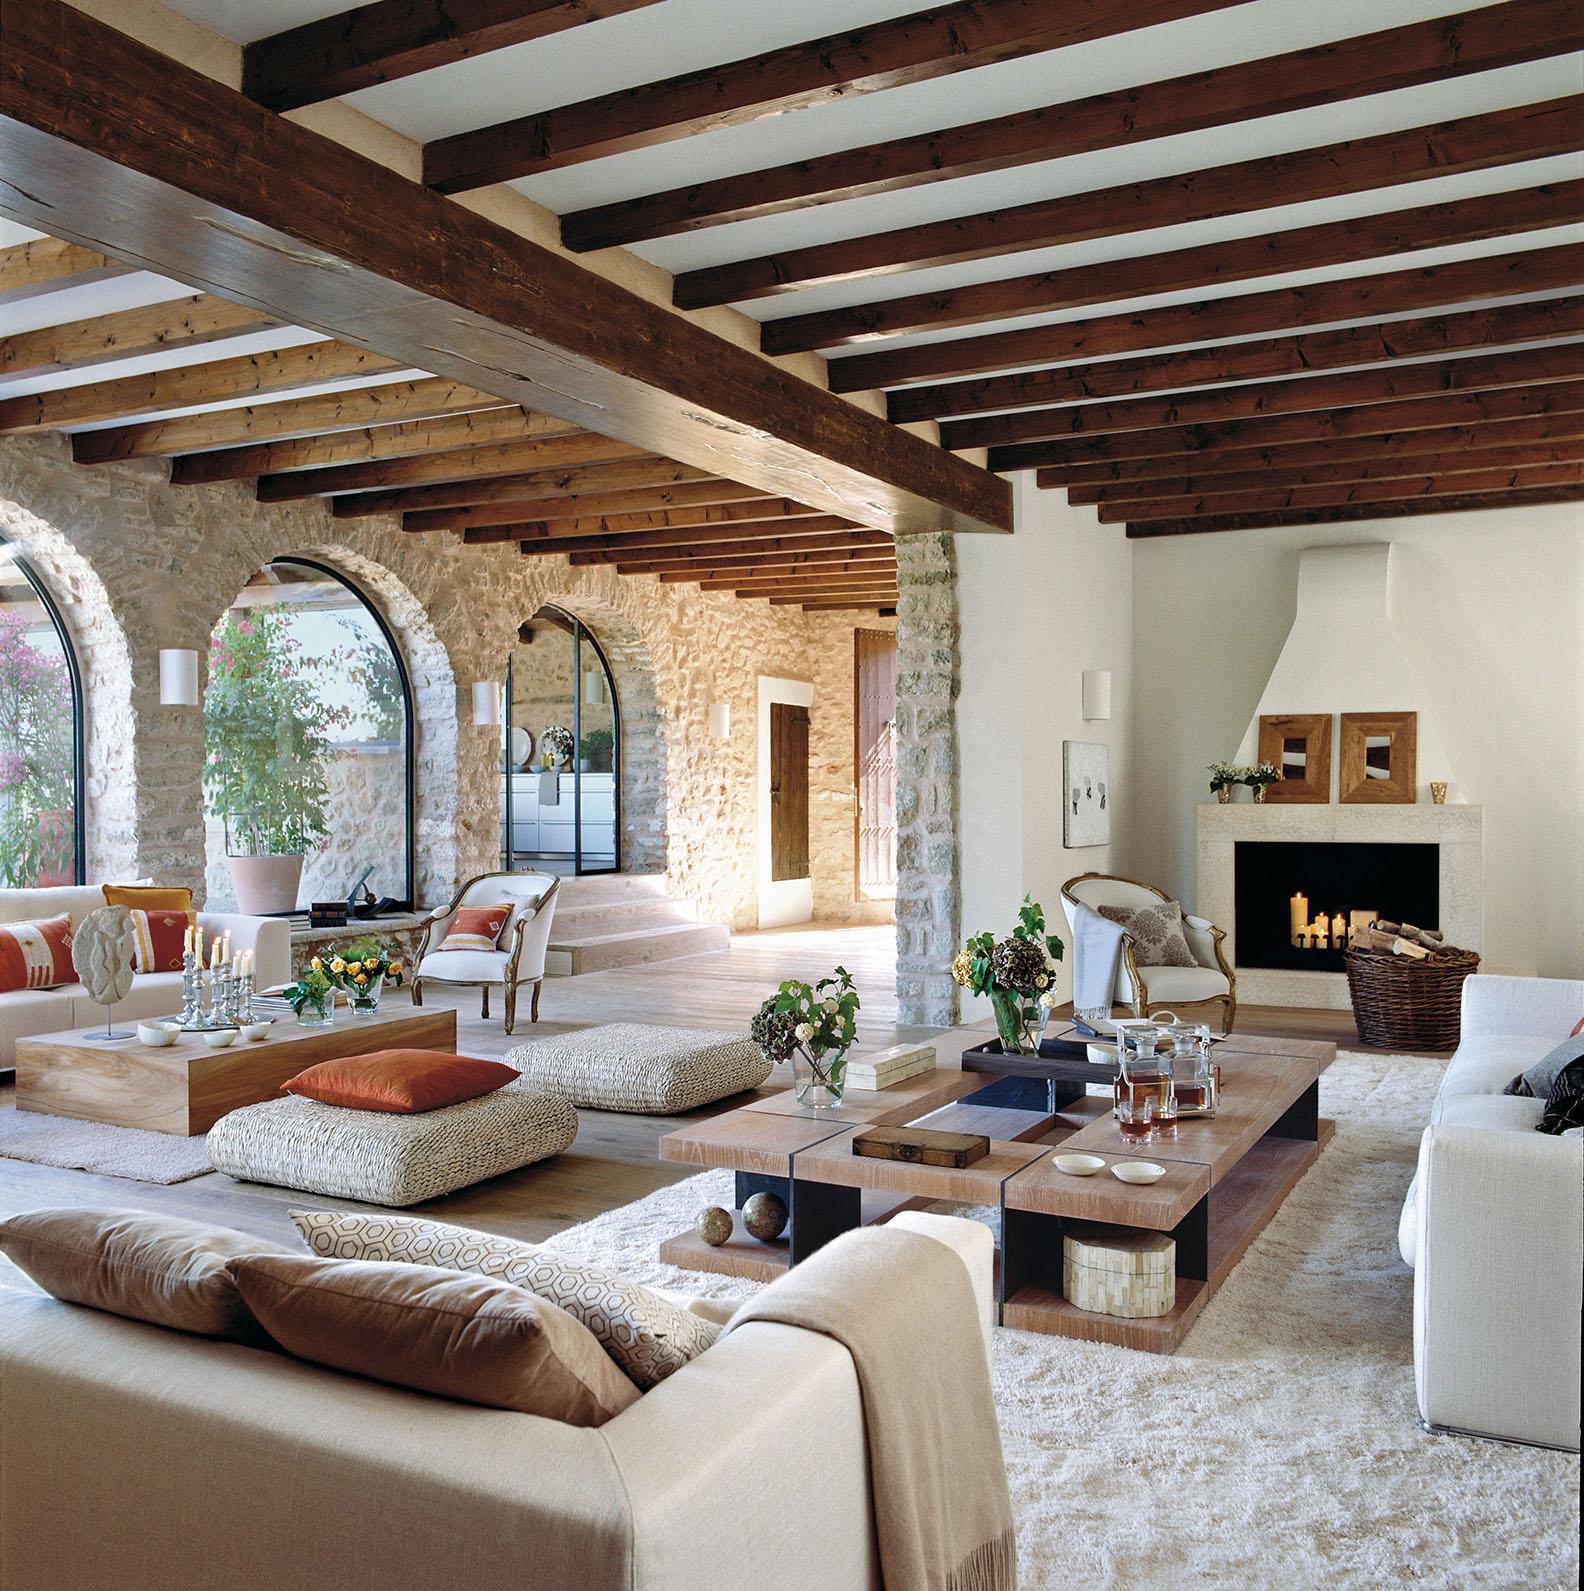 Colonial Kitchen And Great Room Addition: CASA TRÈS CHIC: CASA DE FAZENDA EM MAIORCA